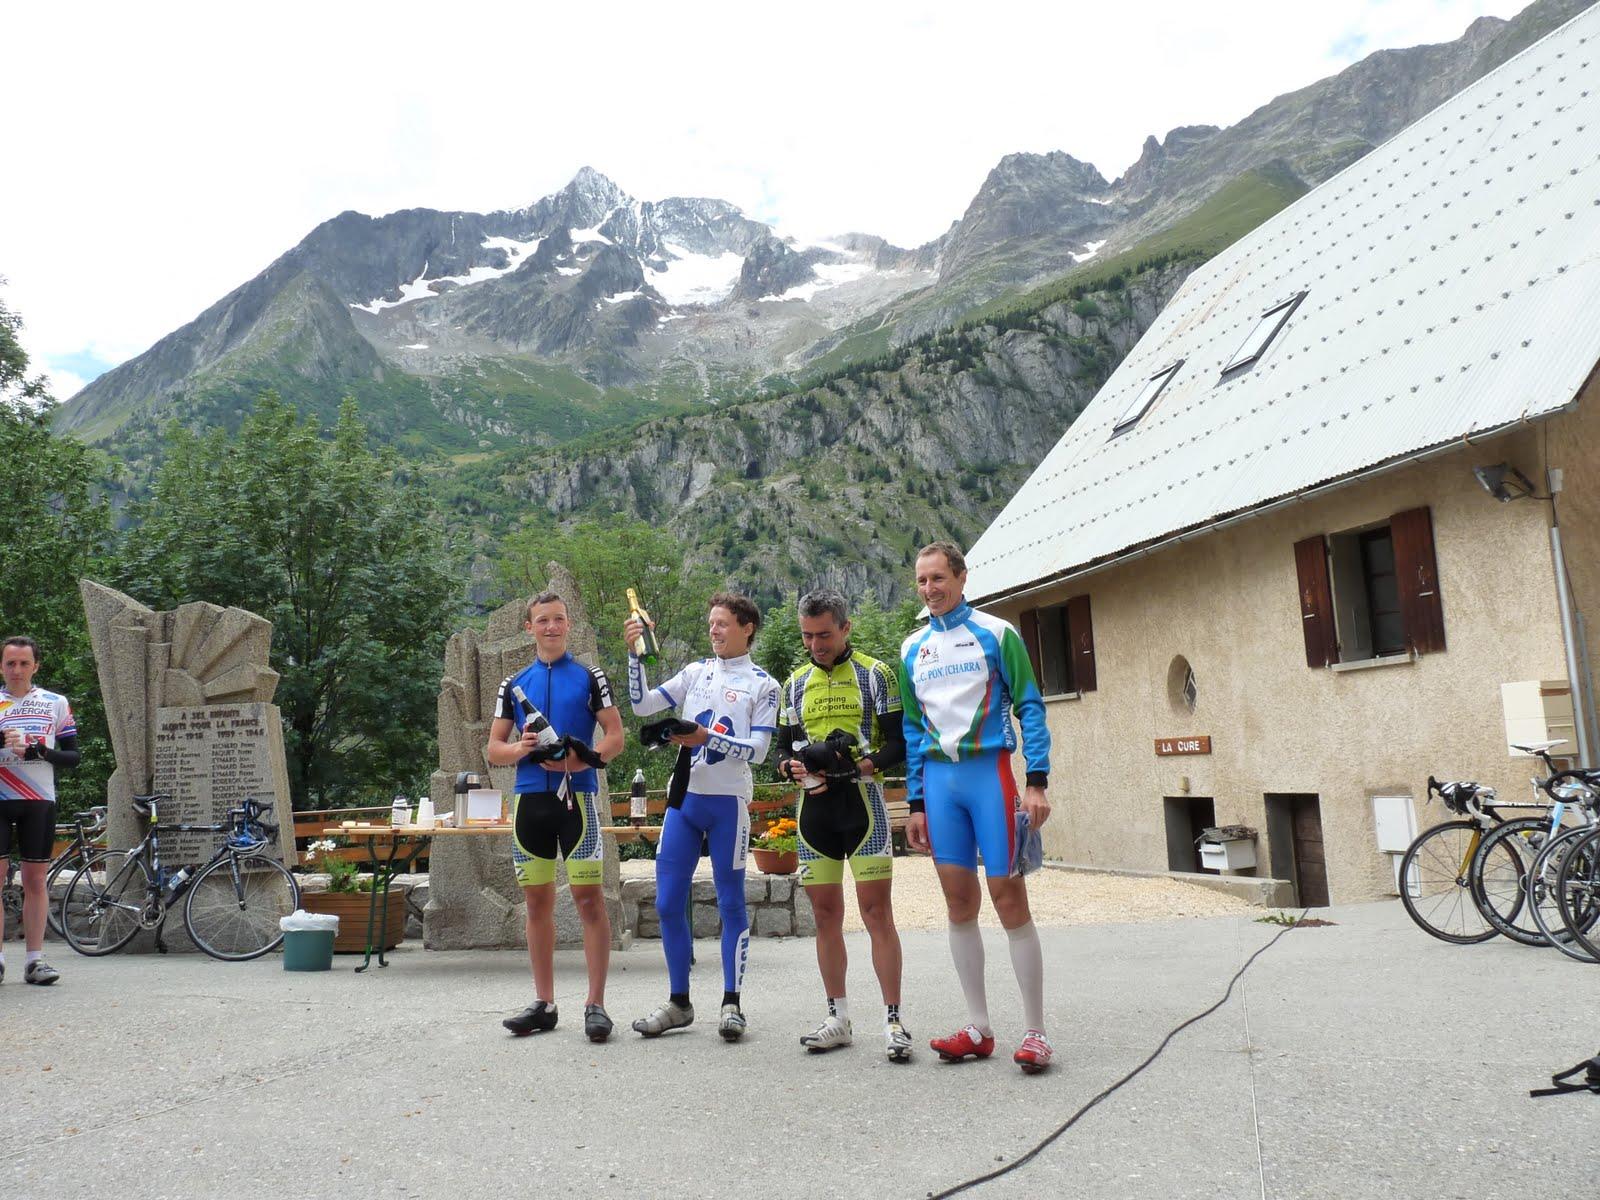 News de l 39 office de tourisme bourg d 39 oisans mont e cycliste chronom tr e bourg d 39 oisans st - Office tourisme bourg d oisans ...